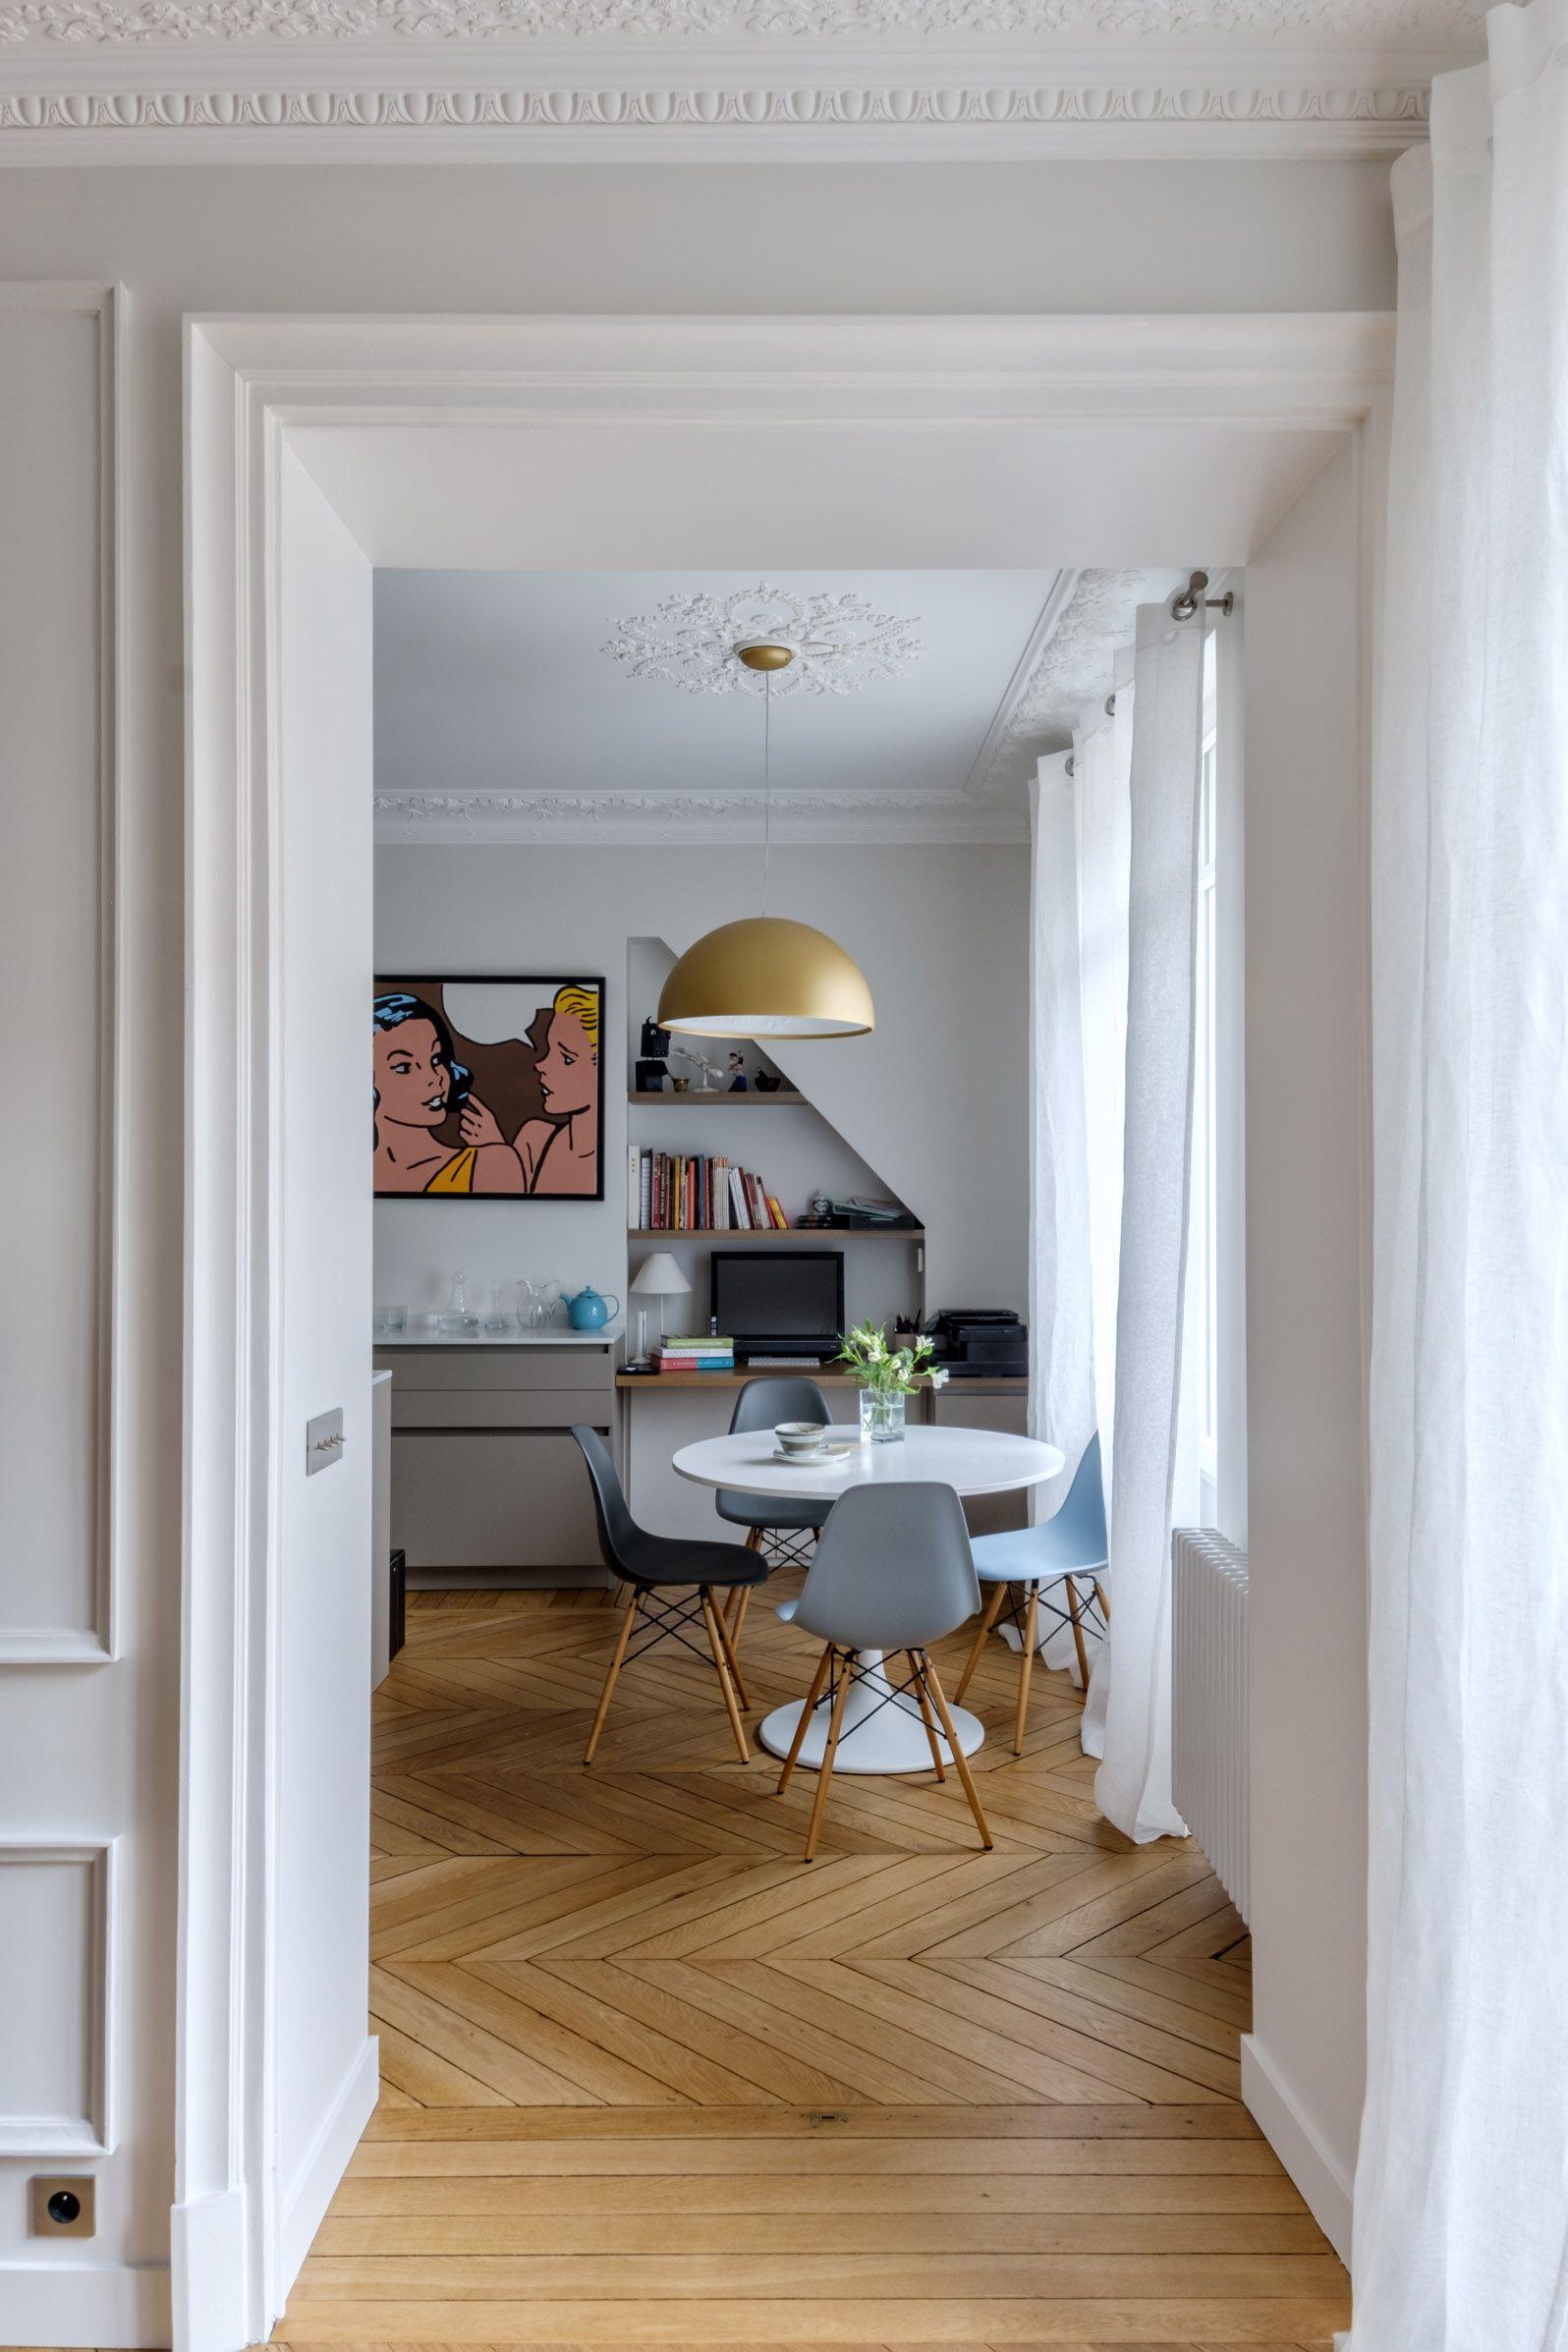 dscf0605 hdr cuisine ouverte pinterest projet haute couture architectes et ruines. Black Bedroom Furniture Sets. Home Design Ideas